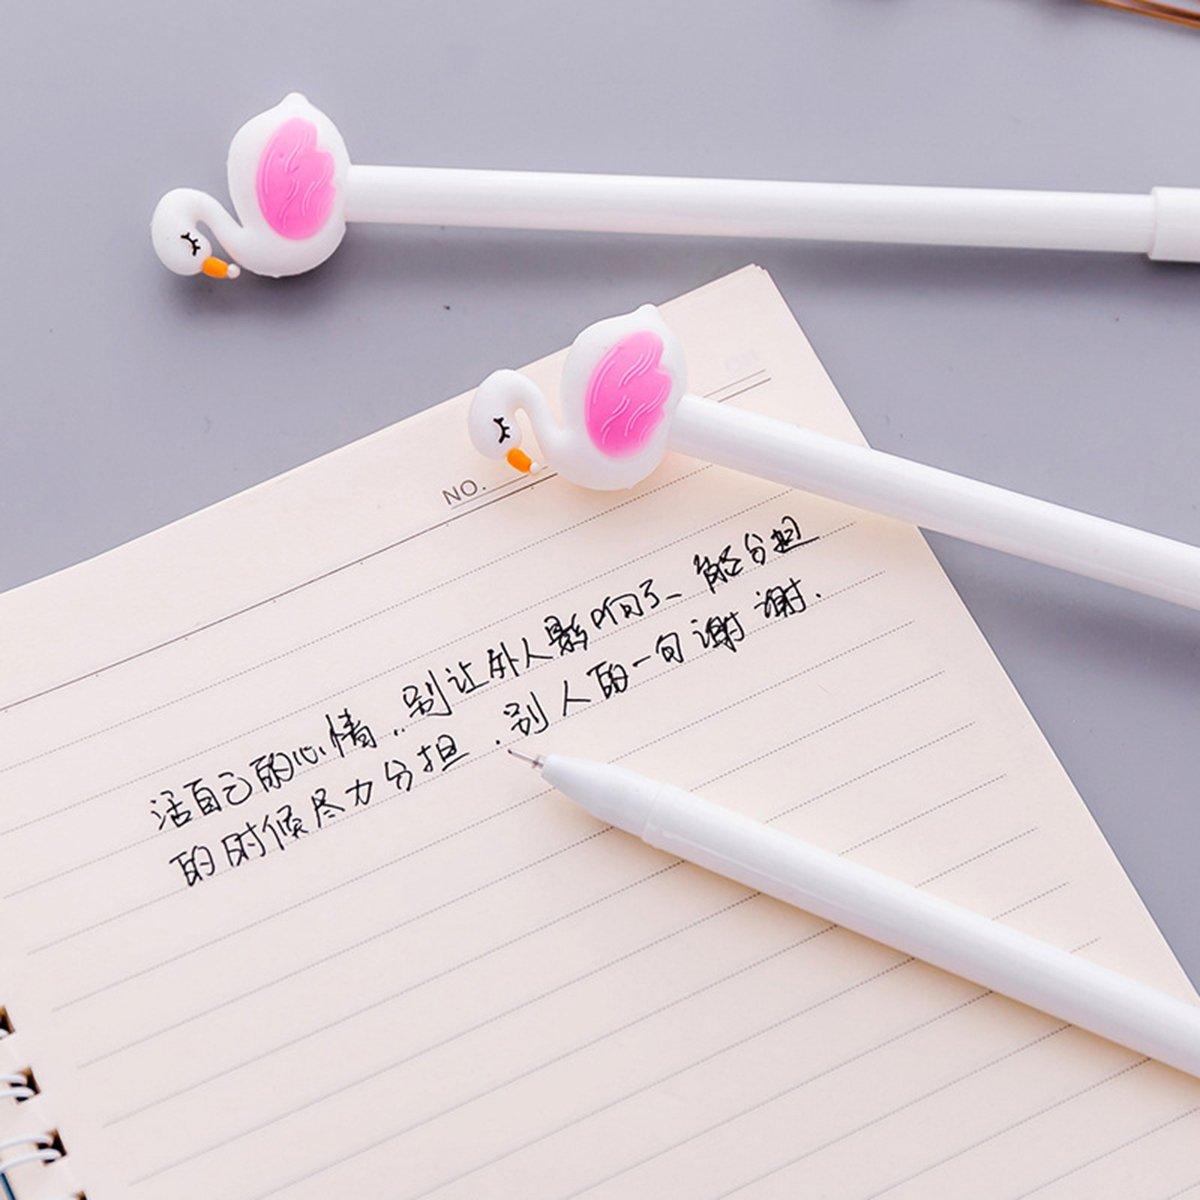 YeahiBaby 10 unids 0.5 mm flamingo bol/ígrafos negro roller gel pluma de tinta oficina de la escuela suministros de escritura blanco